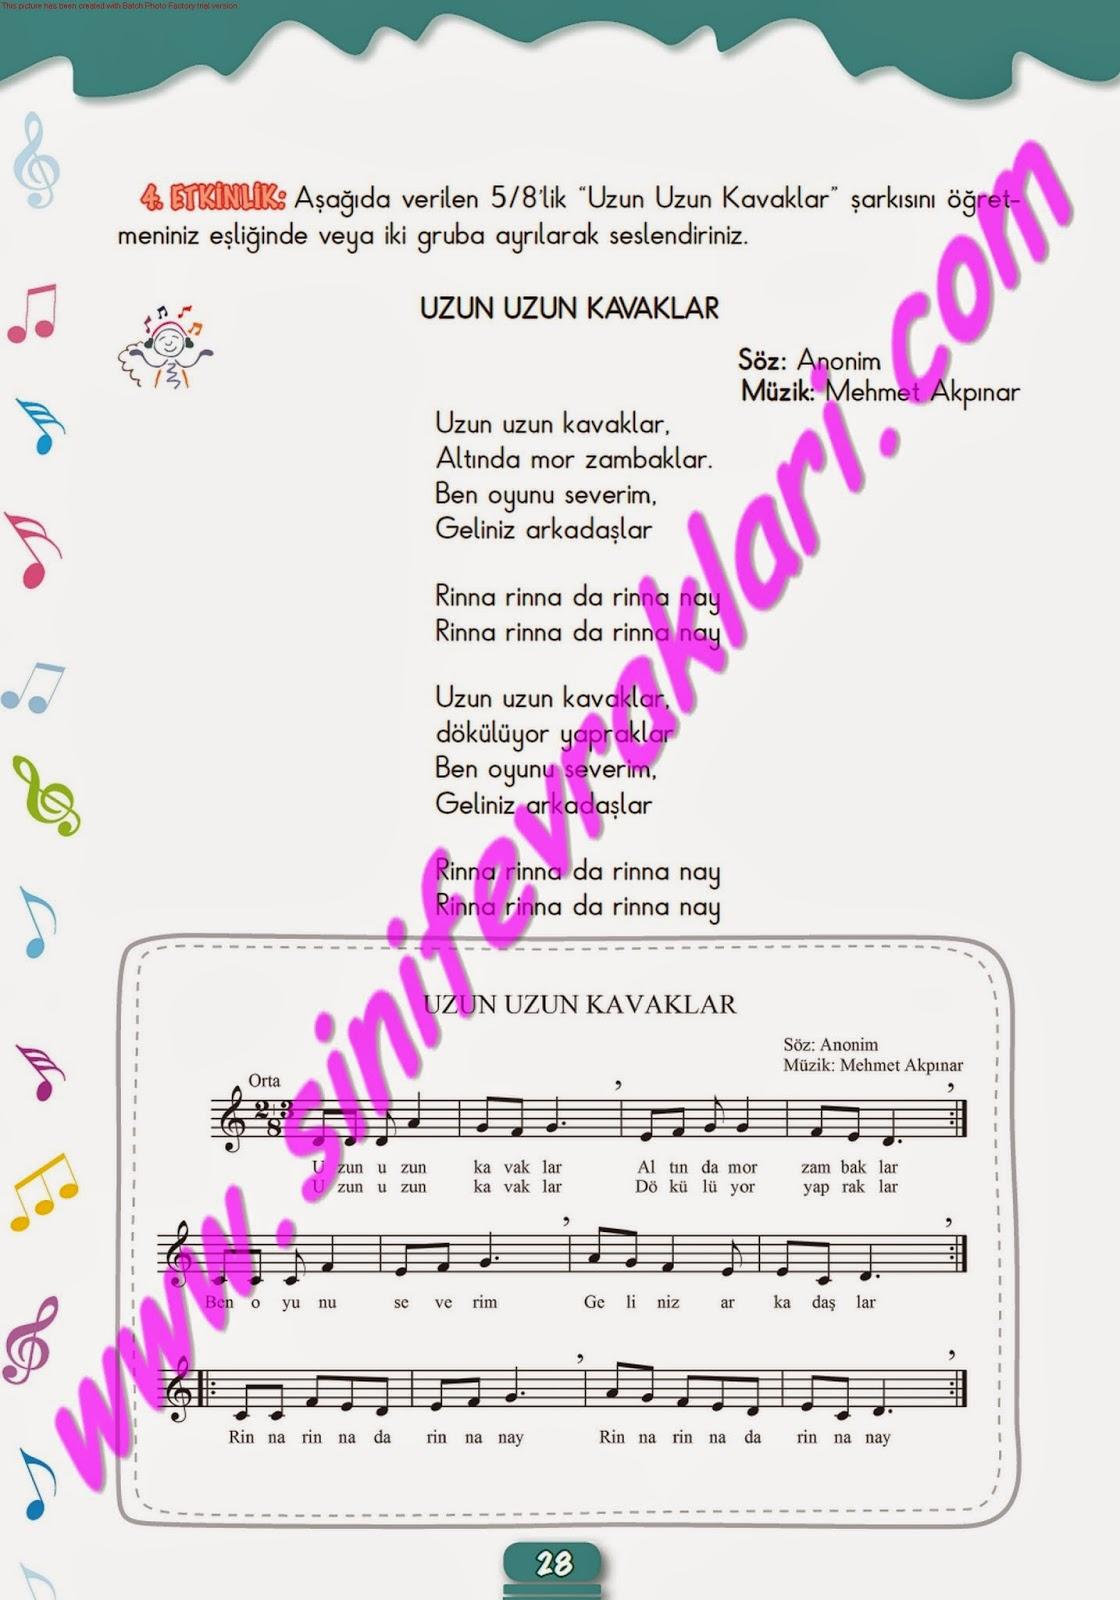 5sınıf Müzik çalışma Kitabı Cevapları Meb Yayınları Sayfa 28 Ders